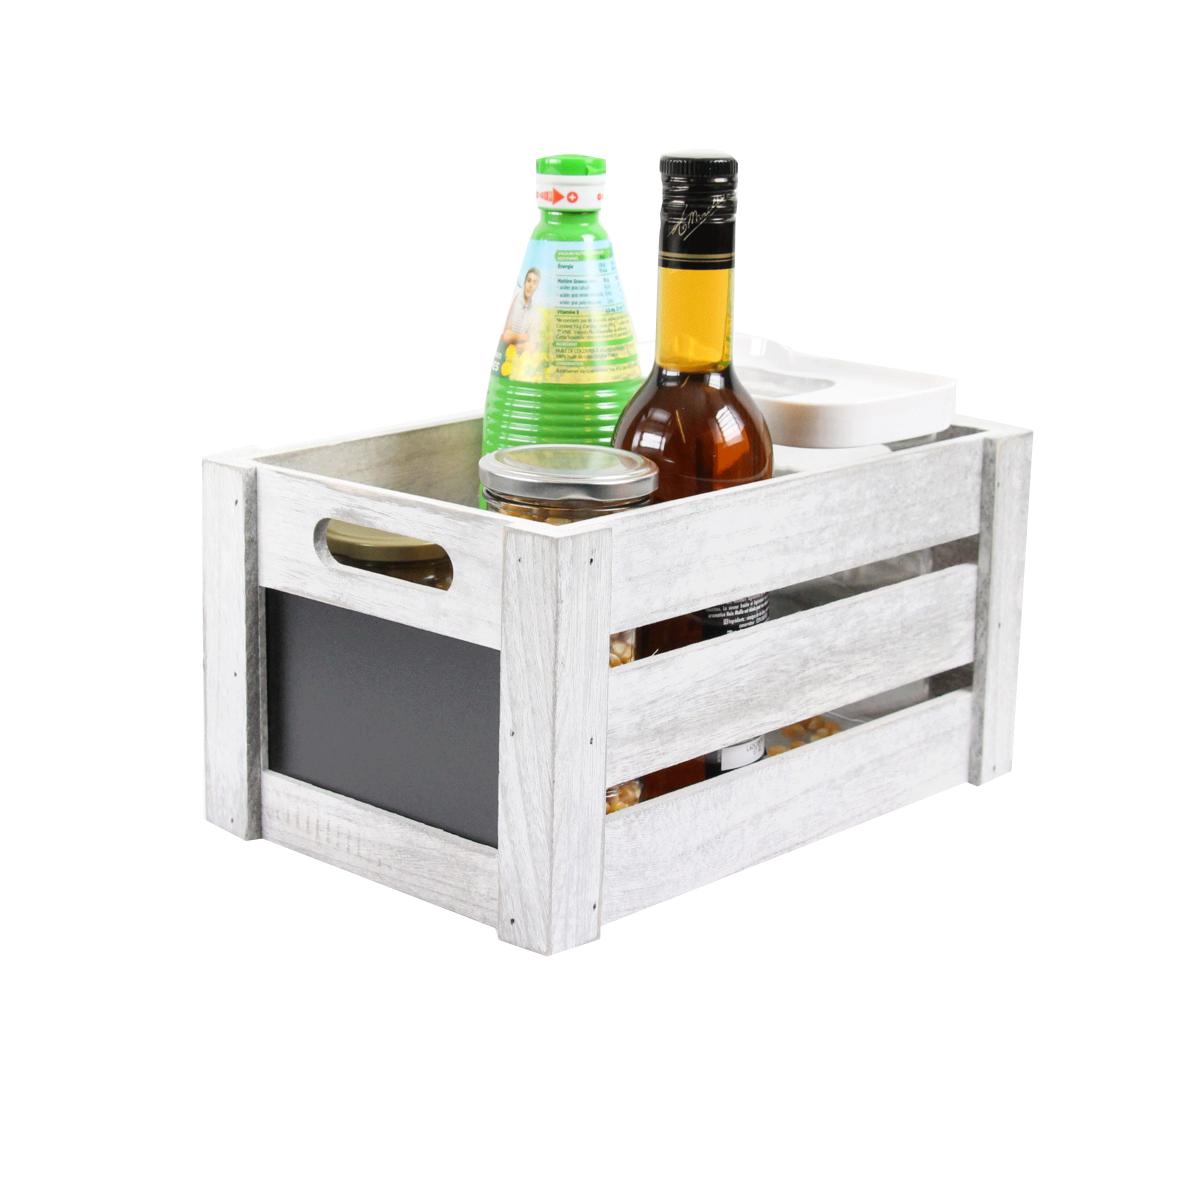 rangement en bois avec ardoise 20x30x16. Black Bedroom Furniture Sets. Home Design Ideas